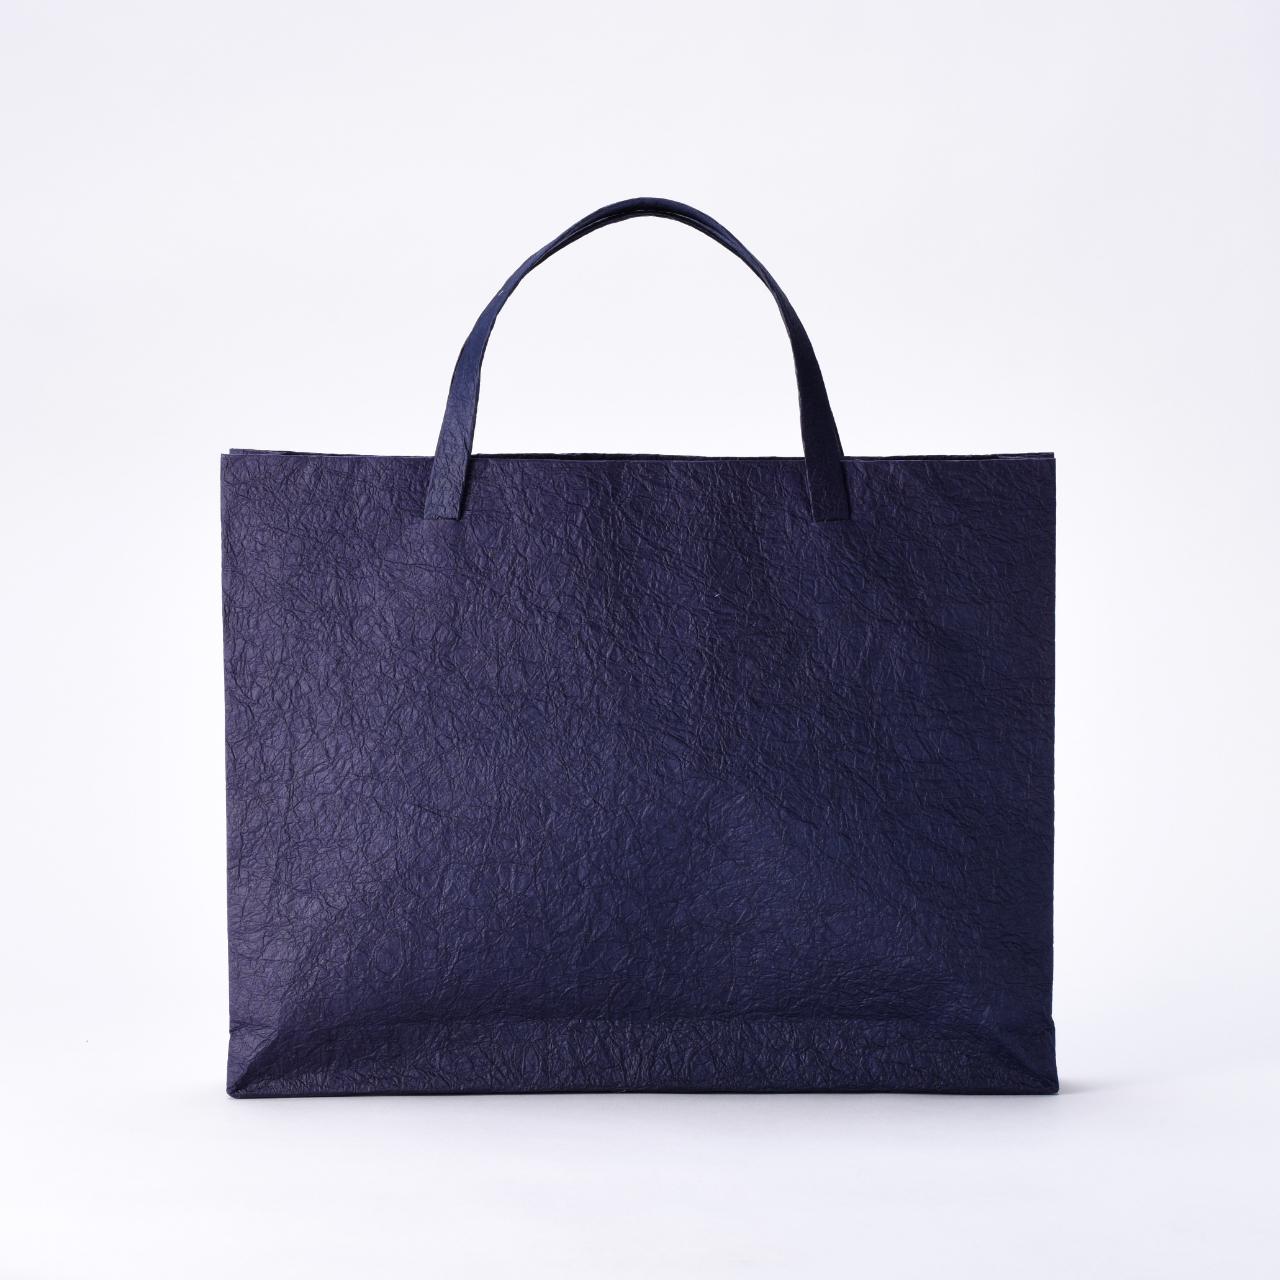 手提げ鞄(紺):抗菌撥水加工済み